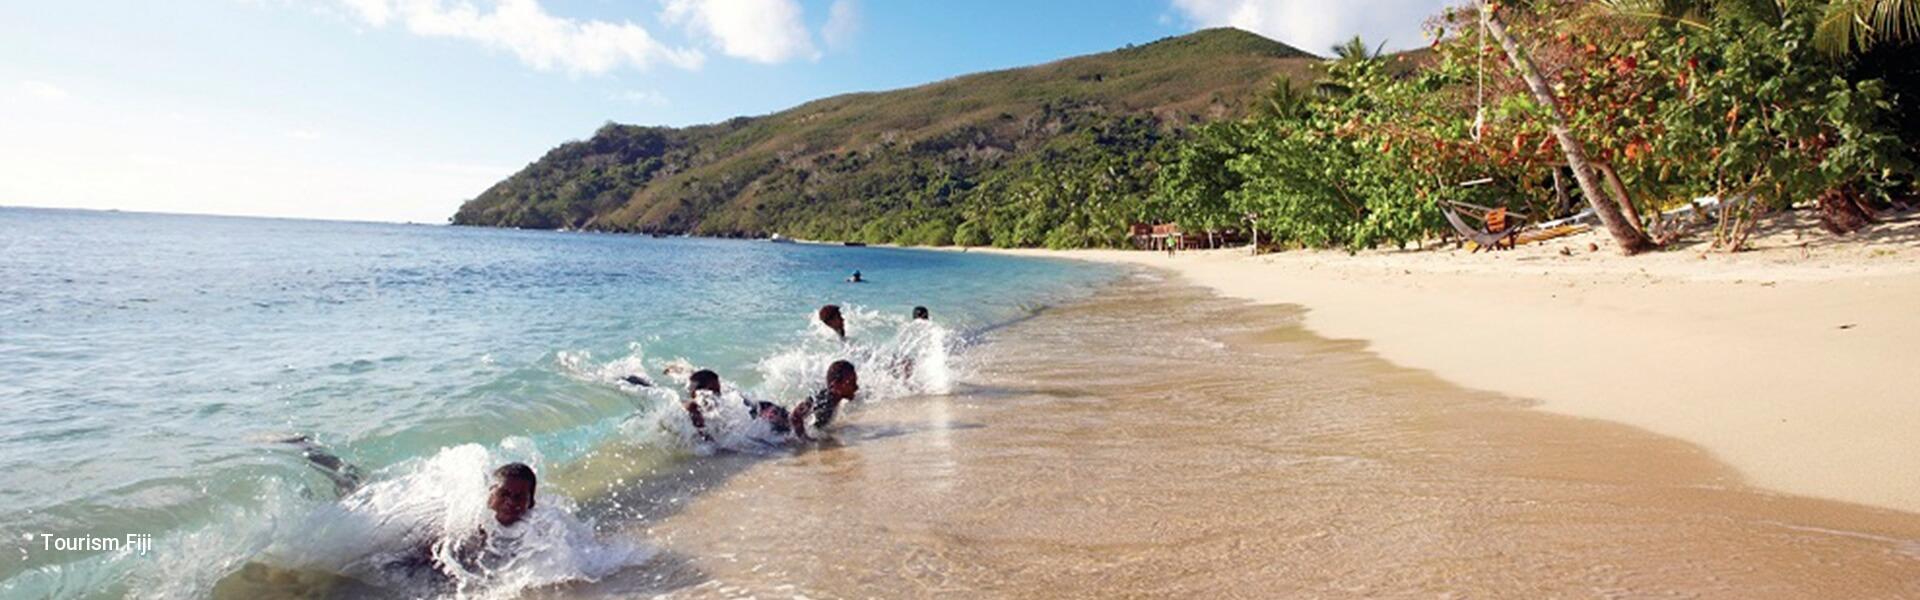 Taveuni Trip